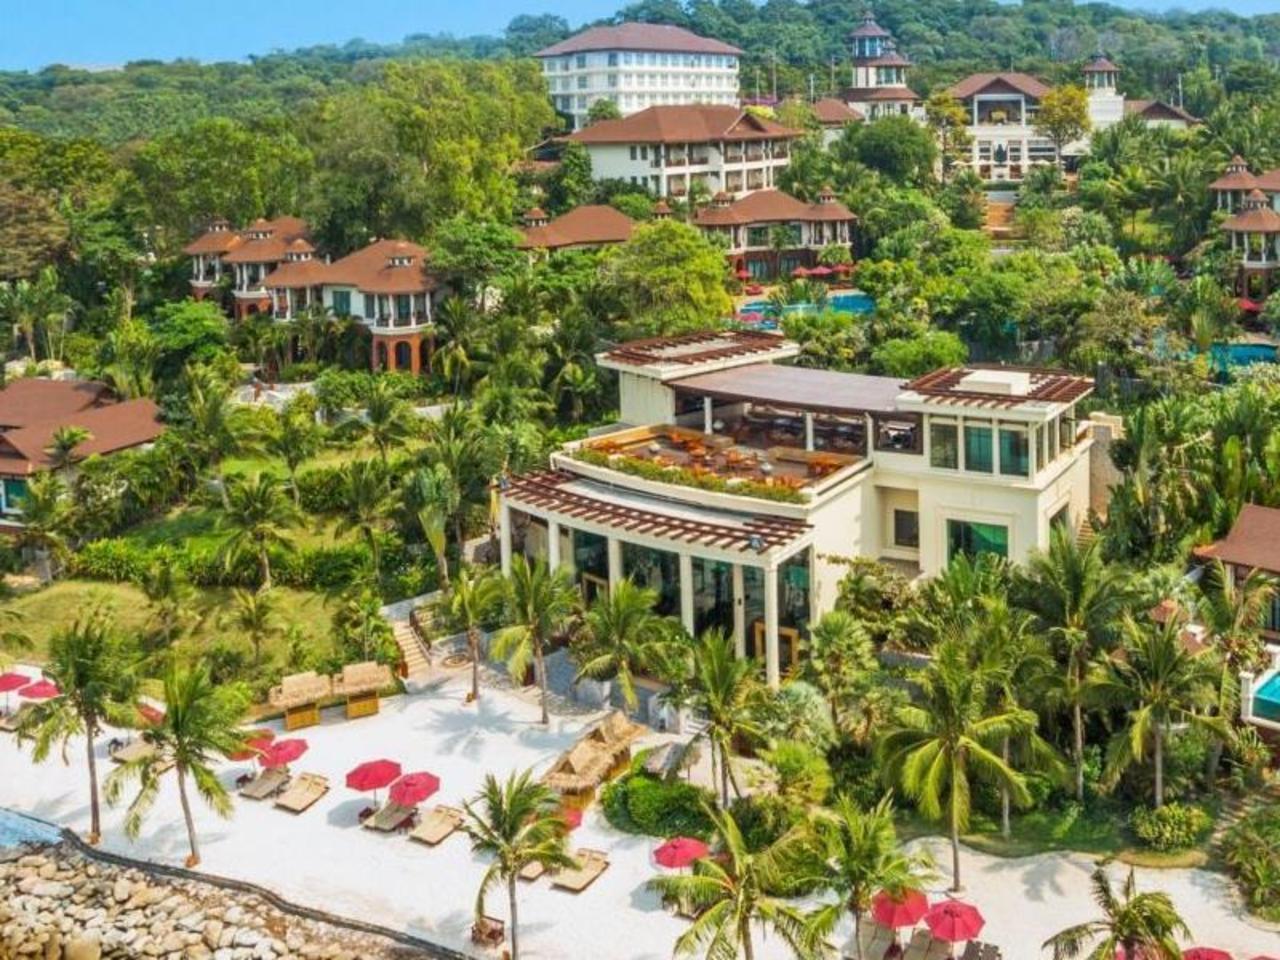 InterContinental Pattaya Resort (InterContinental Pattaya Resort)